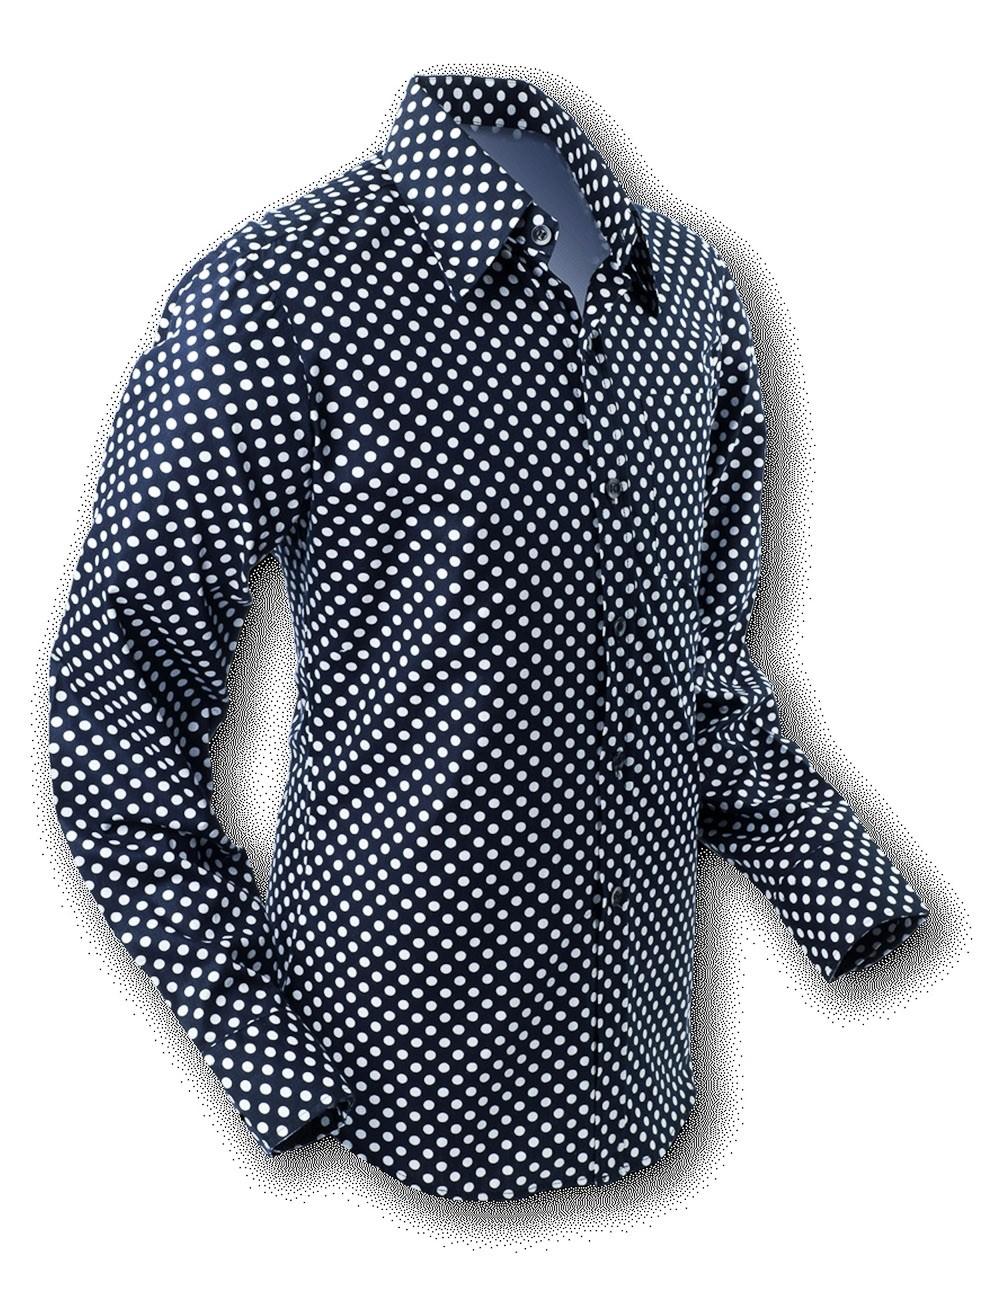 Overhemd Seventies Polka Dot Black White